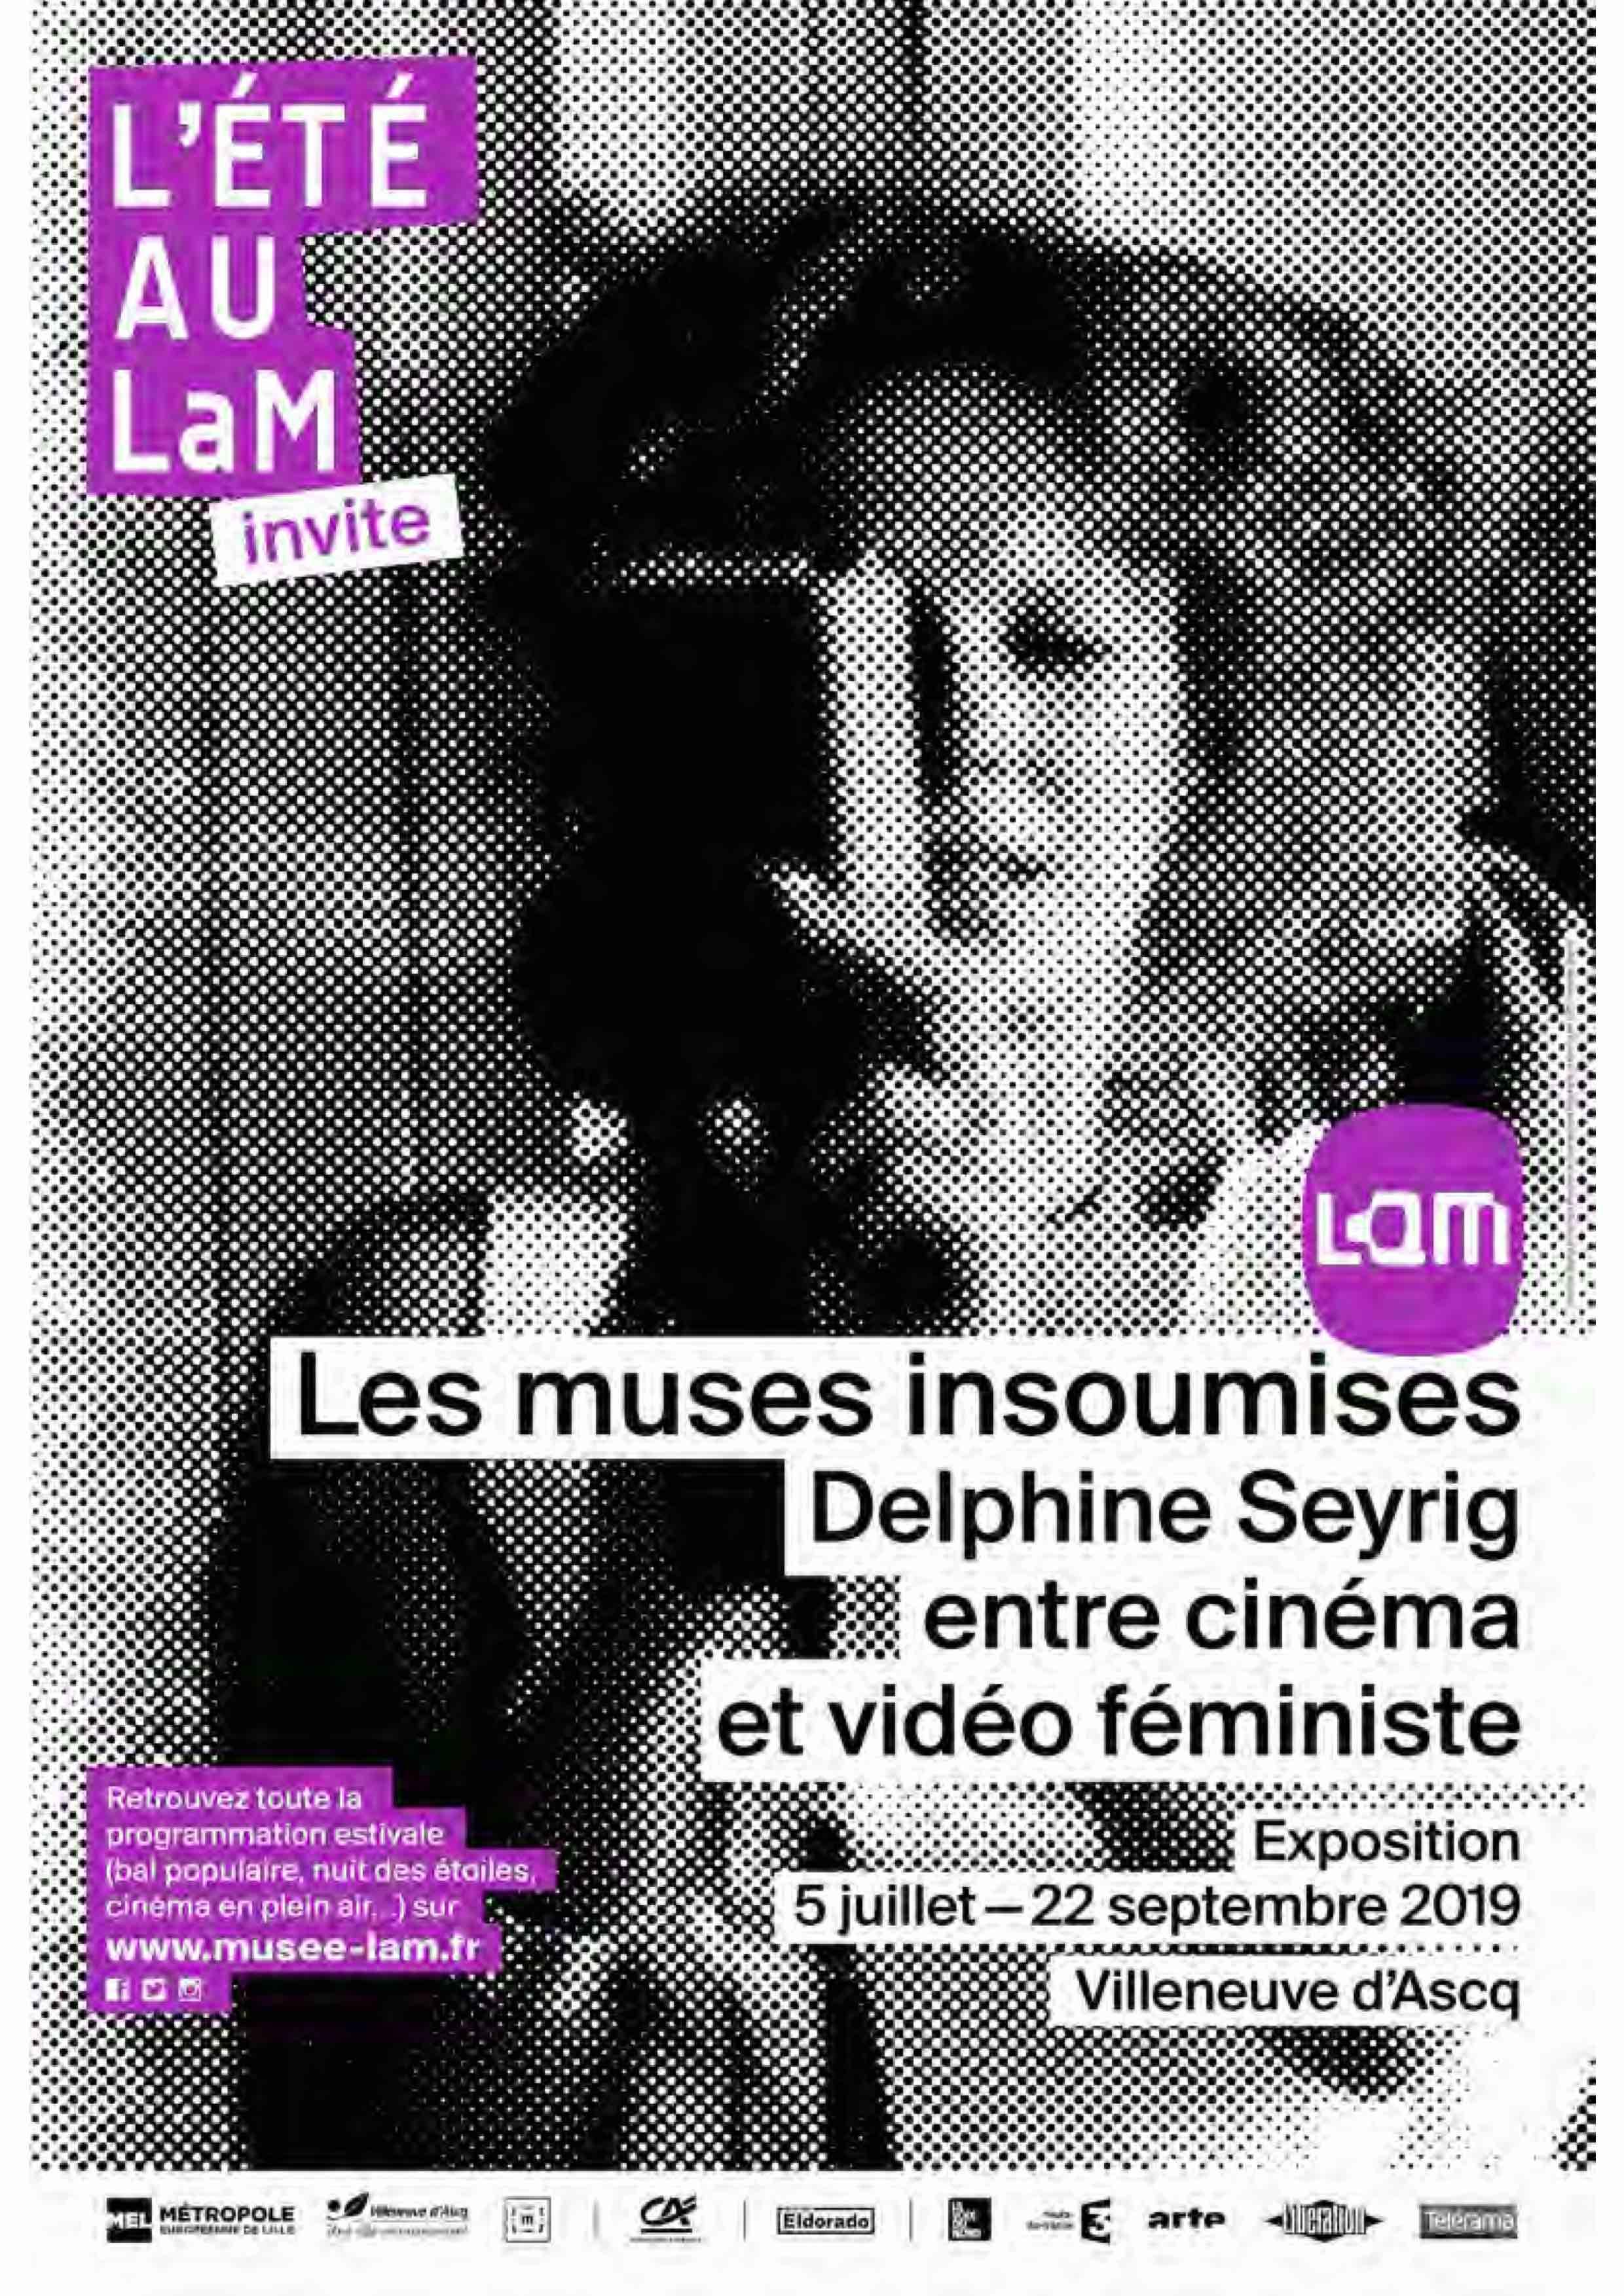 """4 juillet 2019 Vernissage 5 juillet ouverture de l'exposition """"Les muses insoumises. Delphine Seyrig entre cinéma et vidéo féministe"""""""